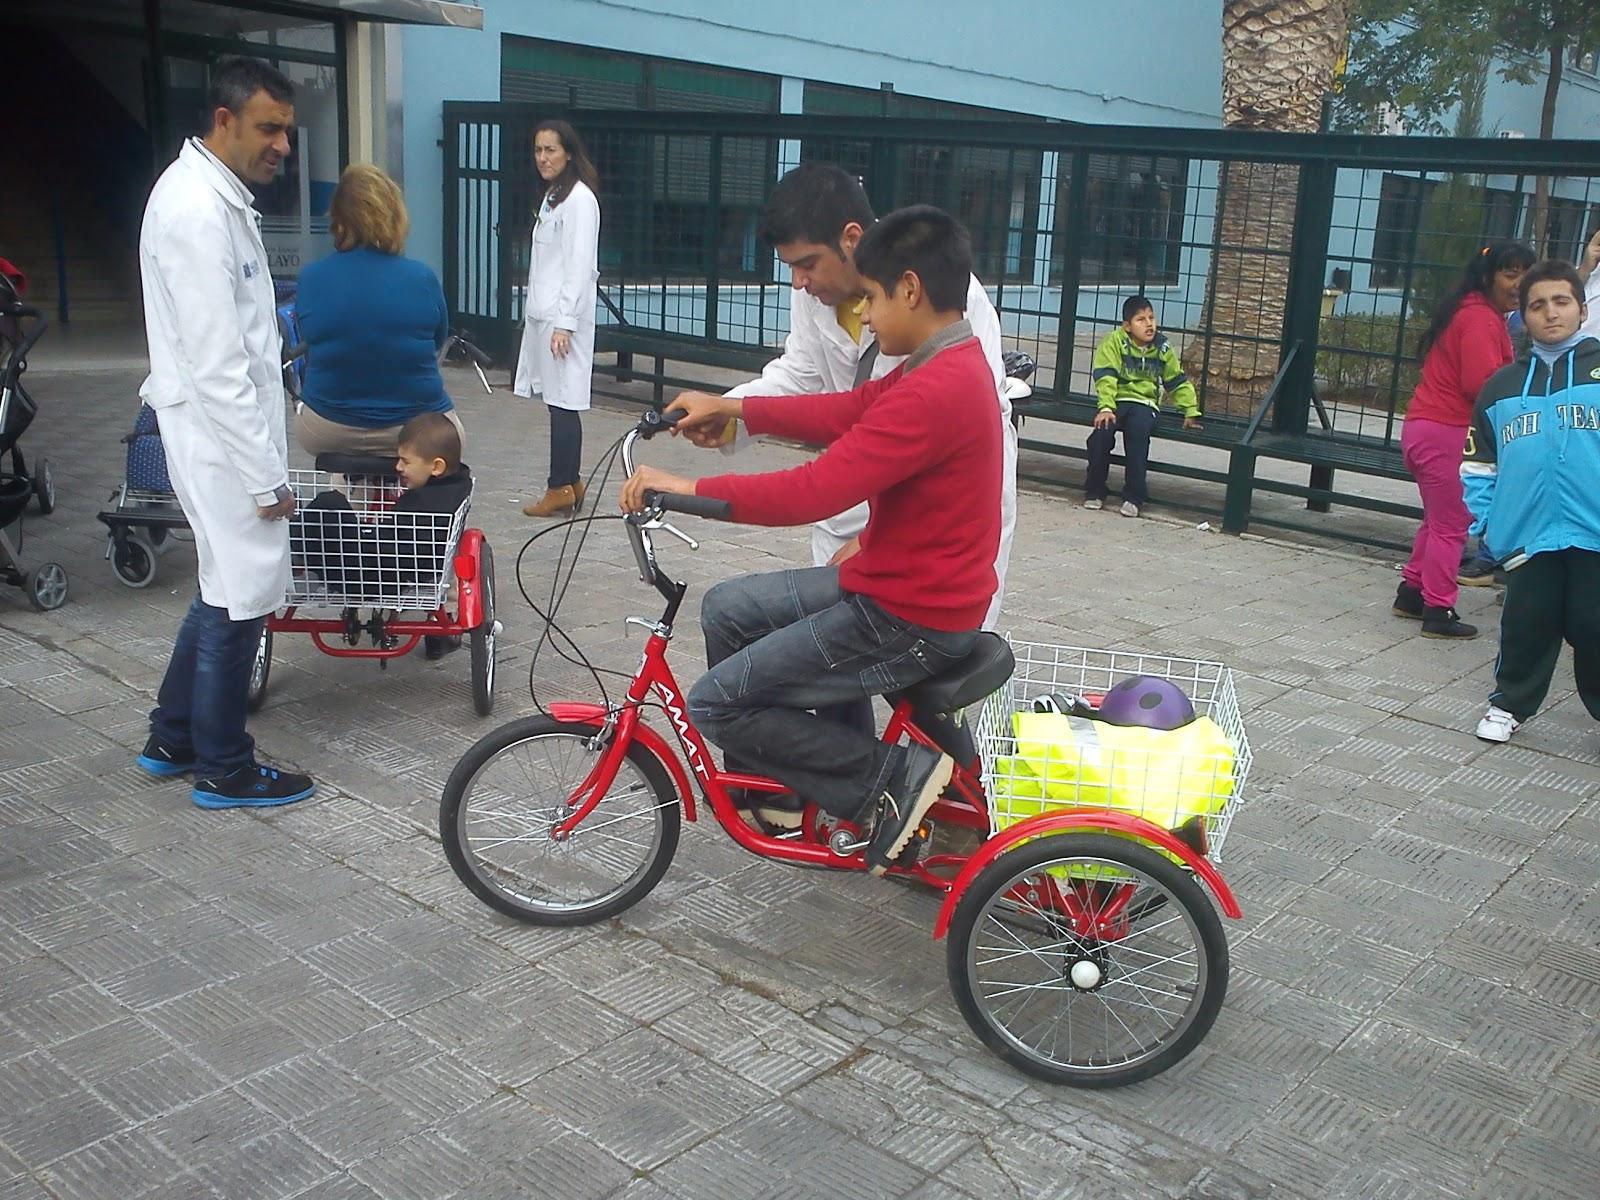 La Física De Las Bicicletas: Bicicleta Y Discapacidad: Clases De Educación Física Y